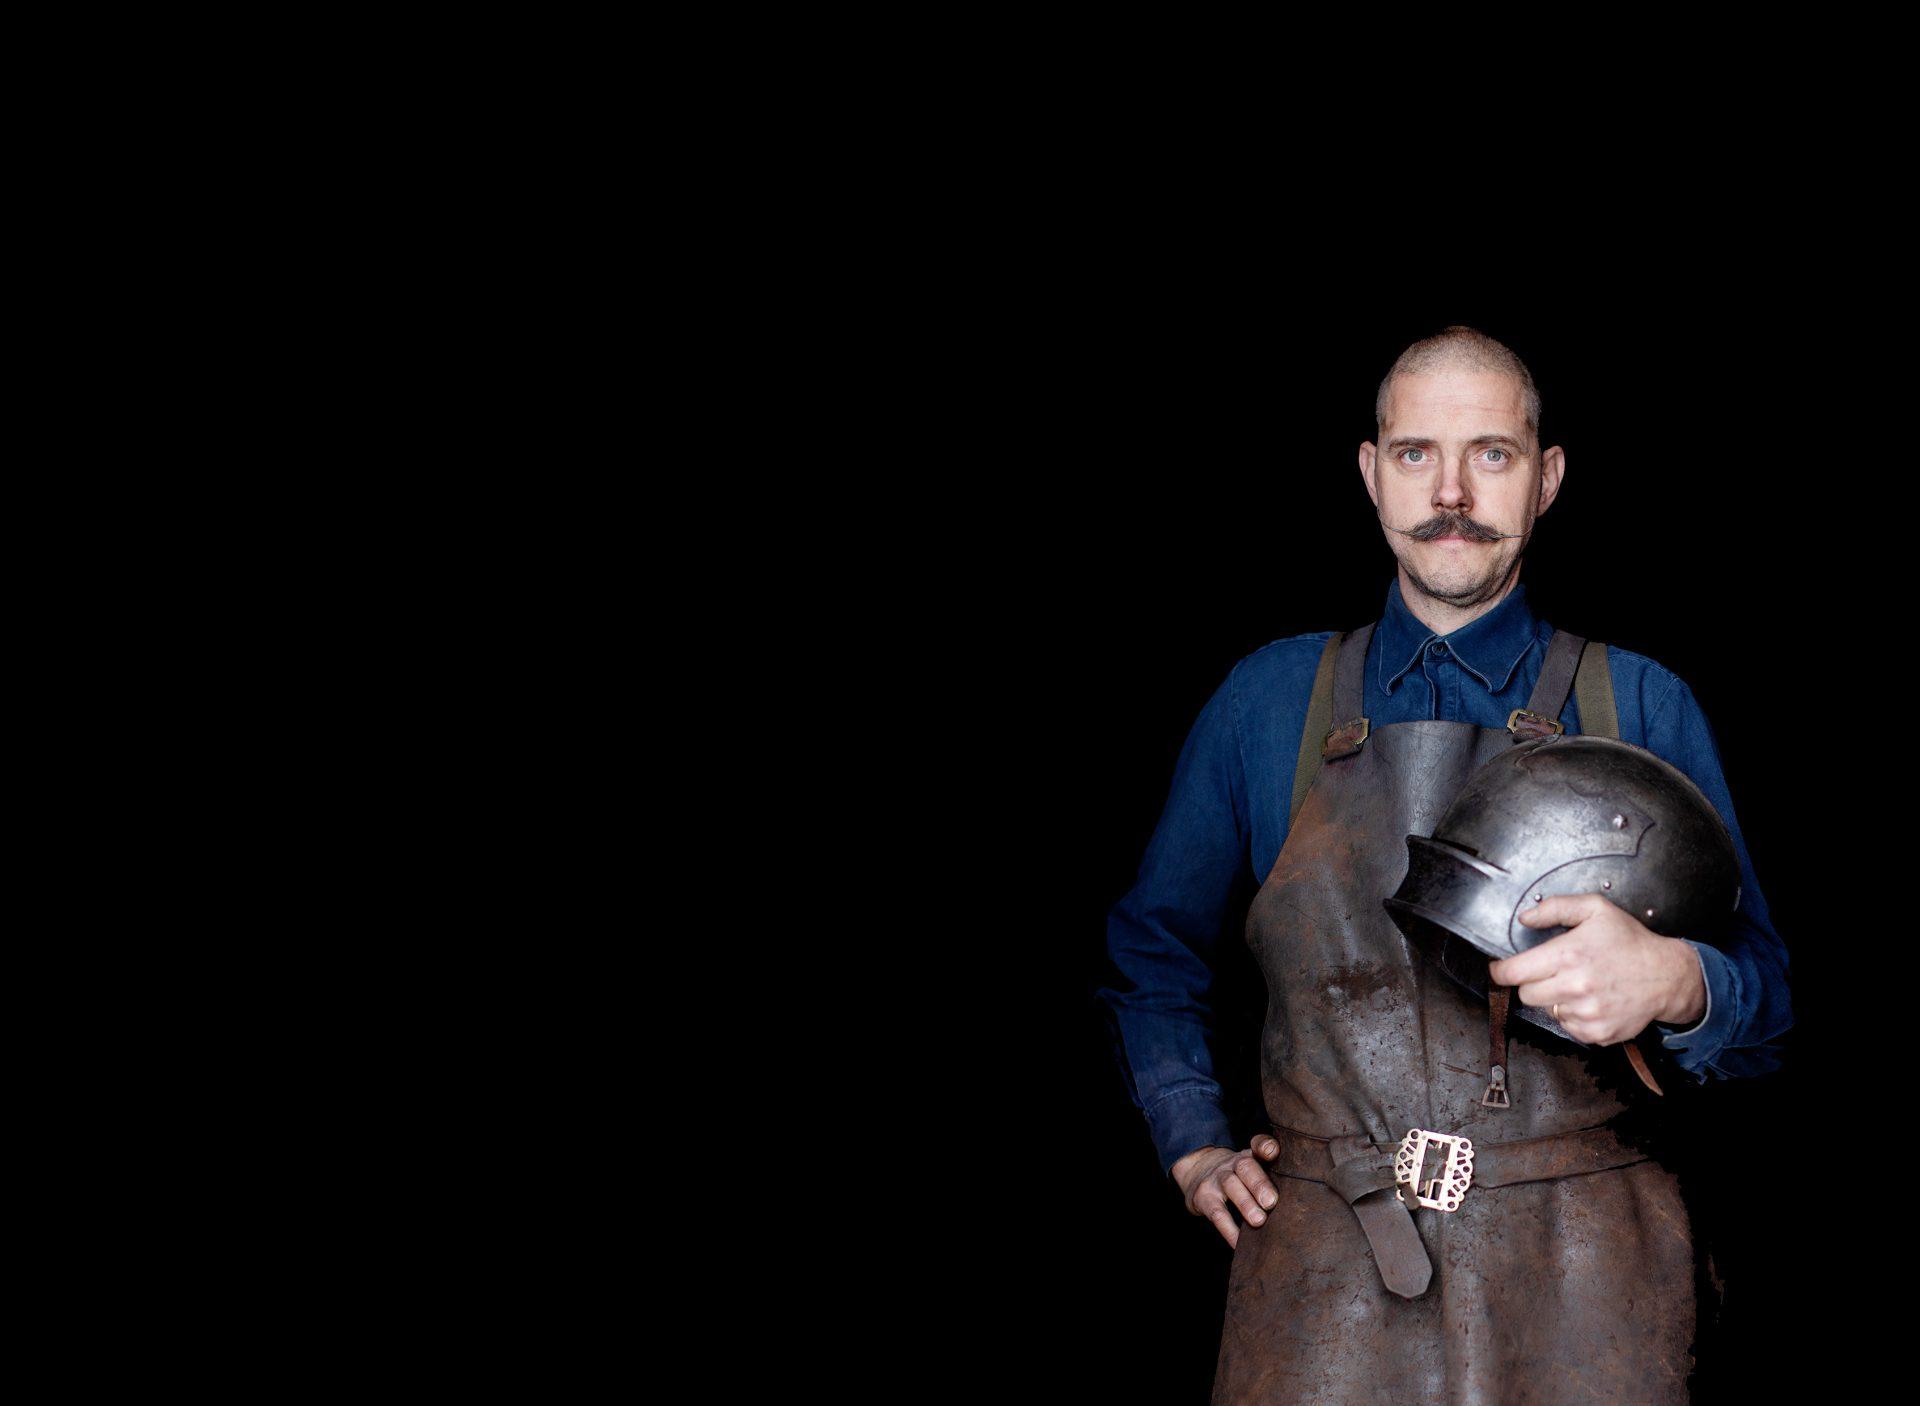 Rustningsmakaren Albert Collins som står och håller i en hjälm tillhörande en rustning